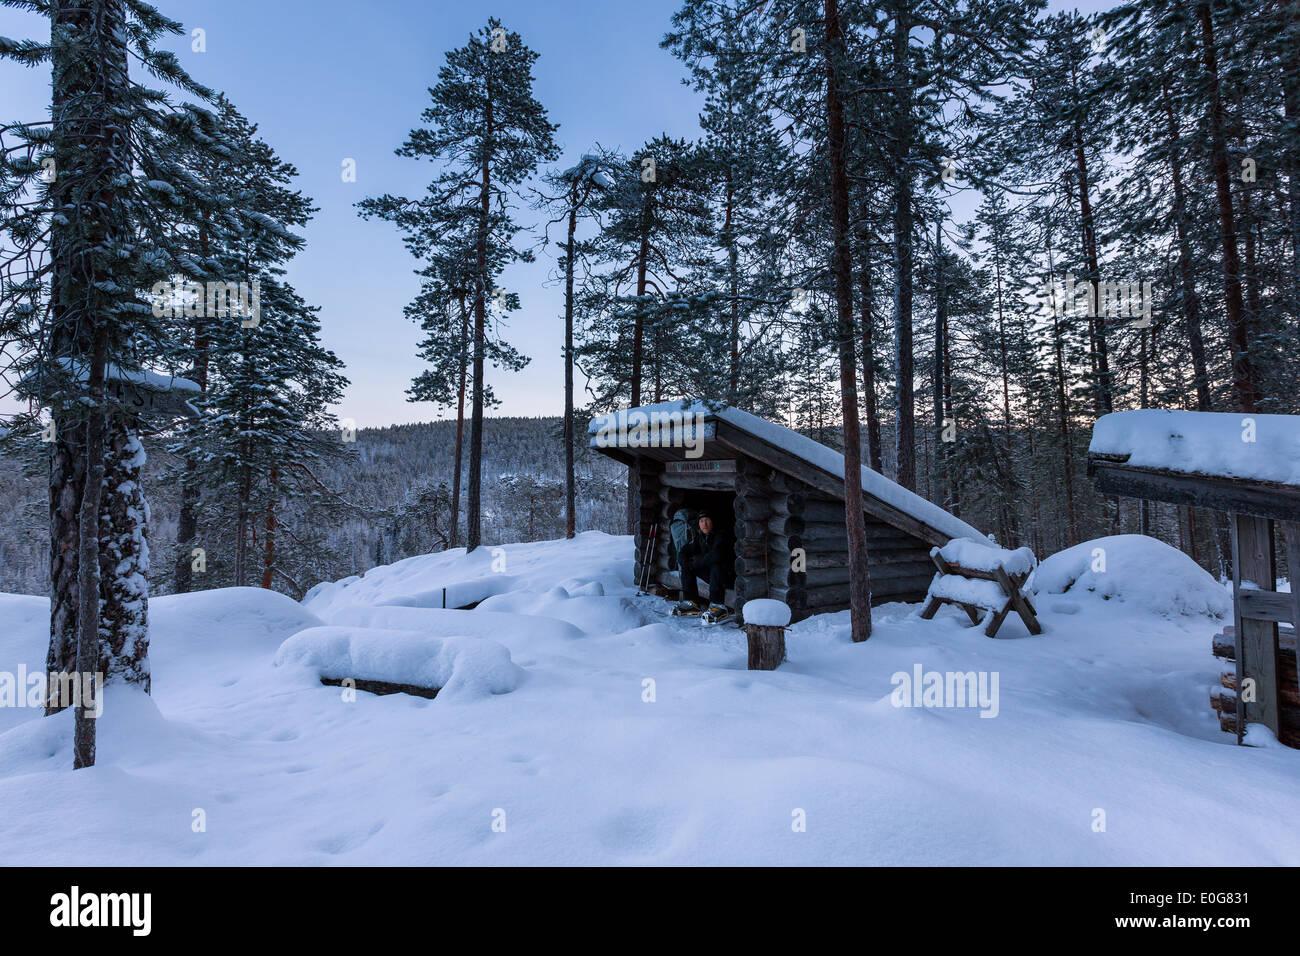 Julmakallio lean-to at Korouoma, Posio, Finland, EU - Stock Image